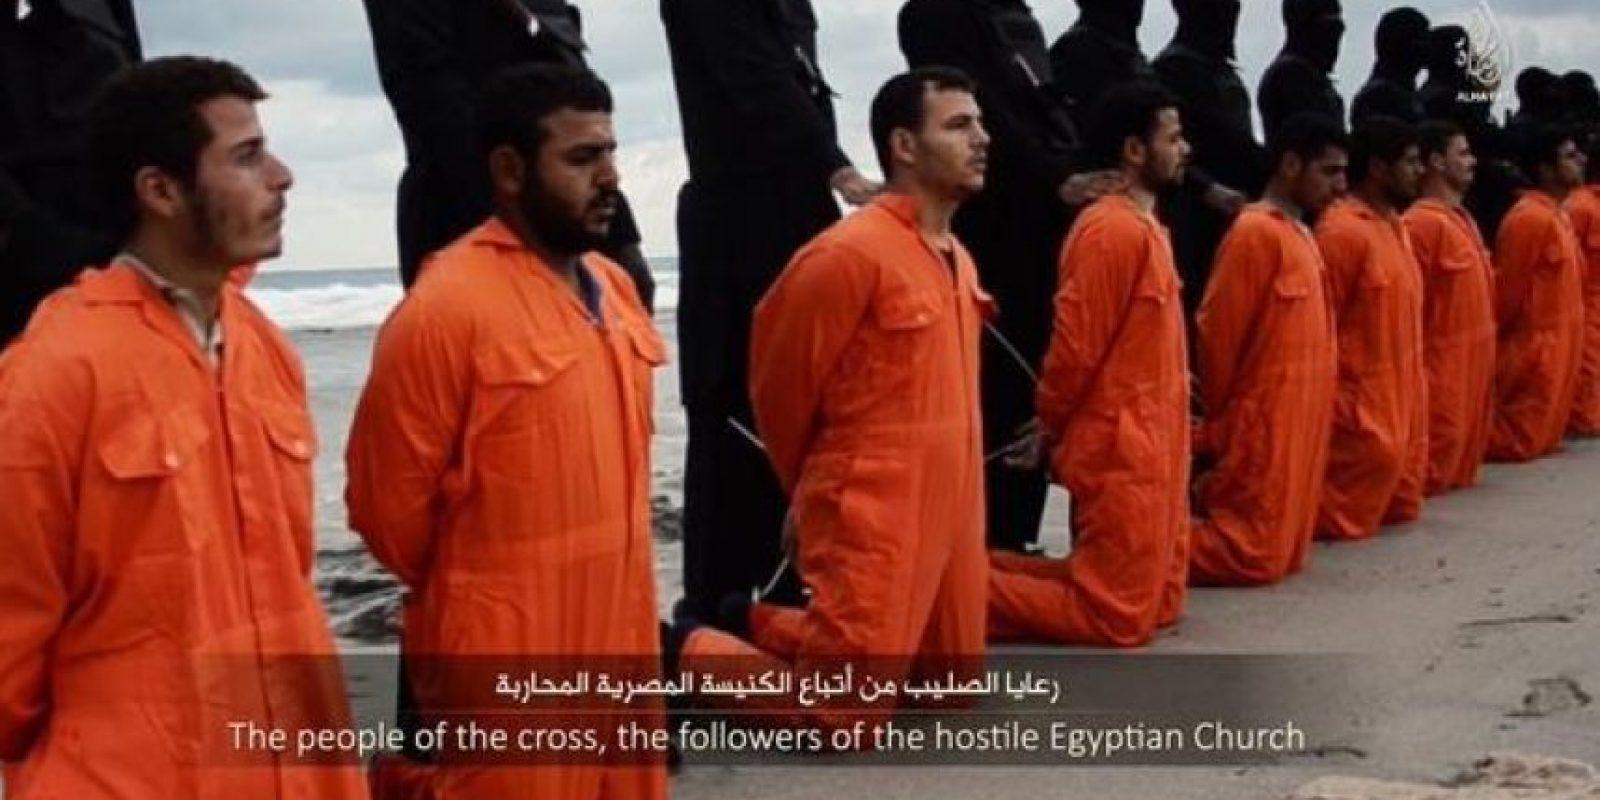 En febrero pasado, Estado Islámico mostró un video decapitando a 21 cristianos originarios de Egipto Foto:Twitter – Archivo